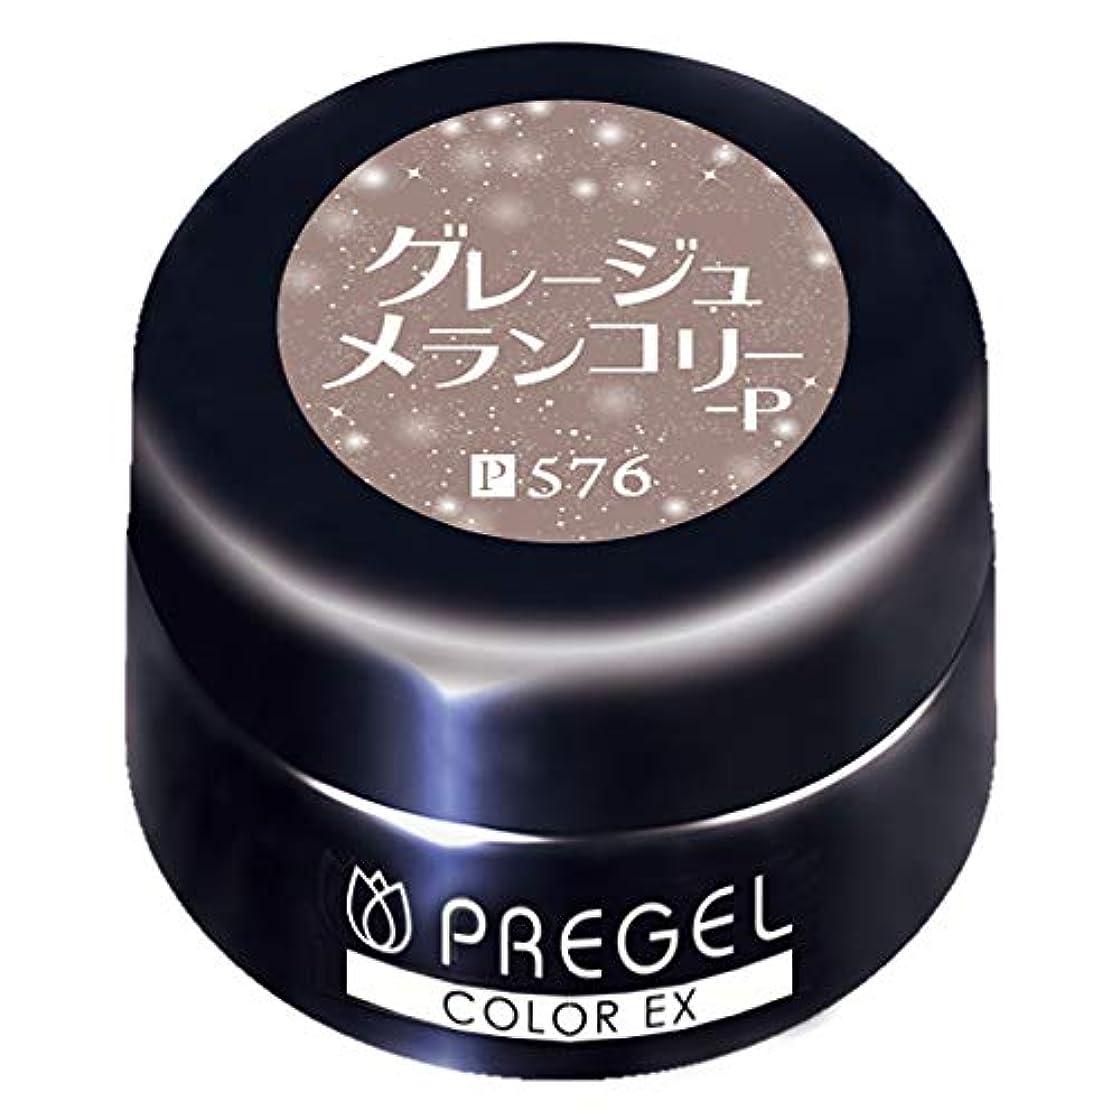 文房具冷酷な非難PRE GEL(プリジェル) PRE GEL カラージェル カラーEX グレージュメランコリー-P 3g PG-CE576 UV/LED対応 ジェルネイル